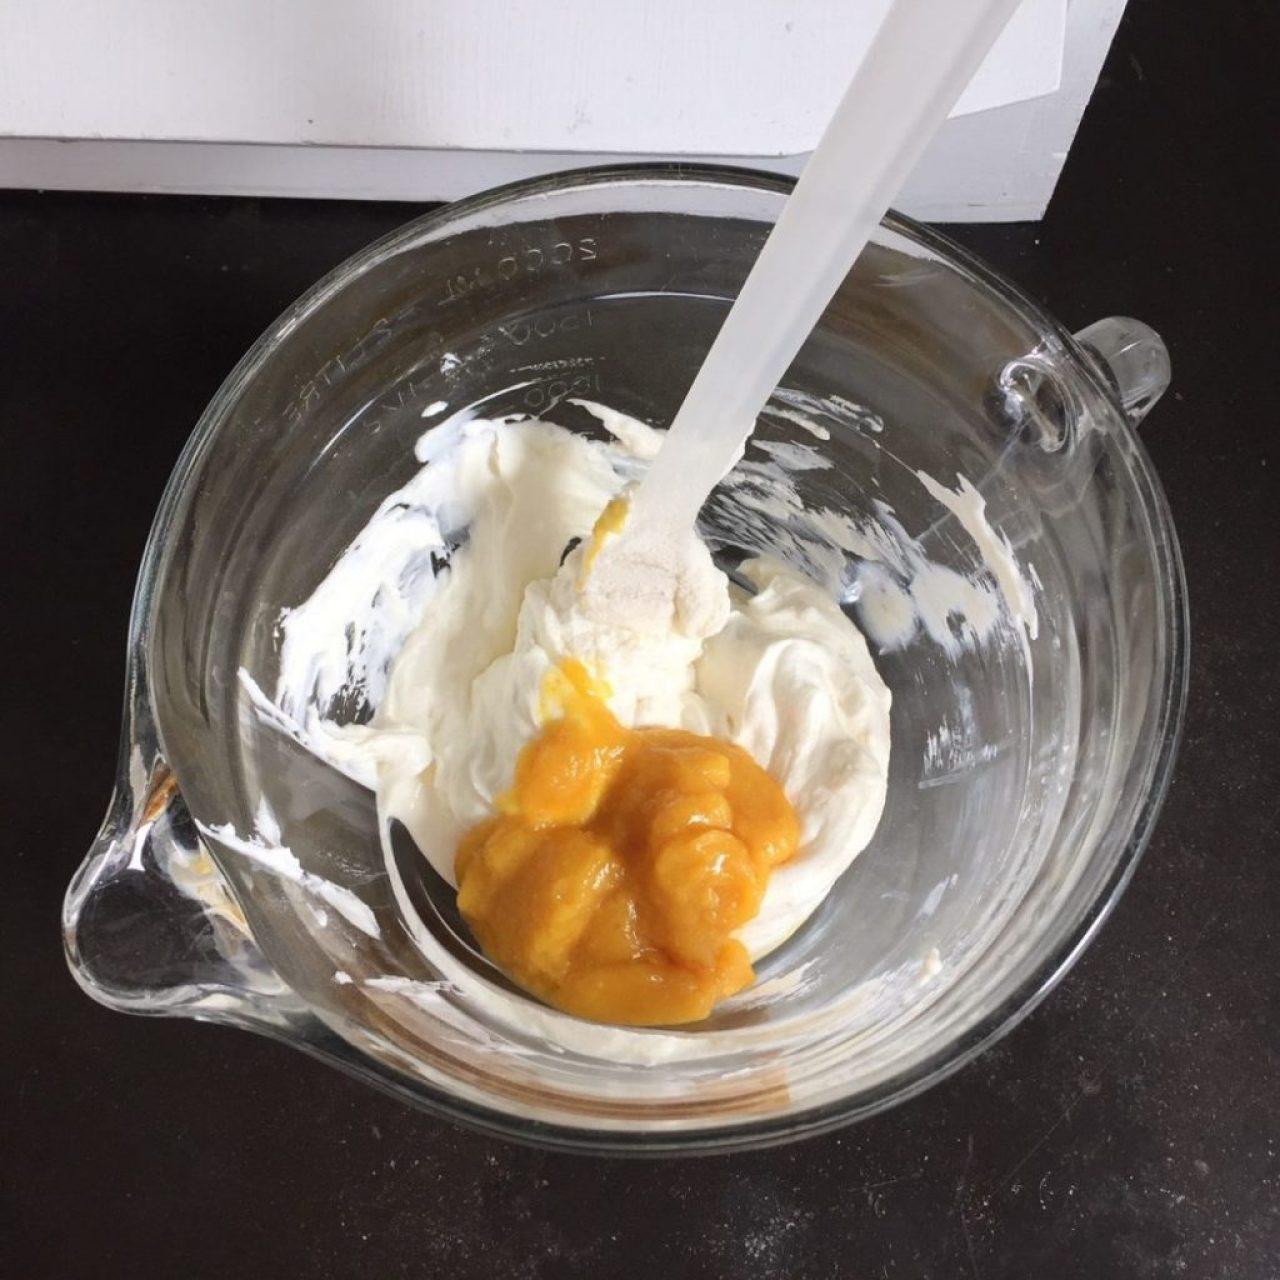 orangenmus und frischkäse. top frosting. low carb